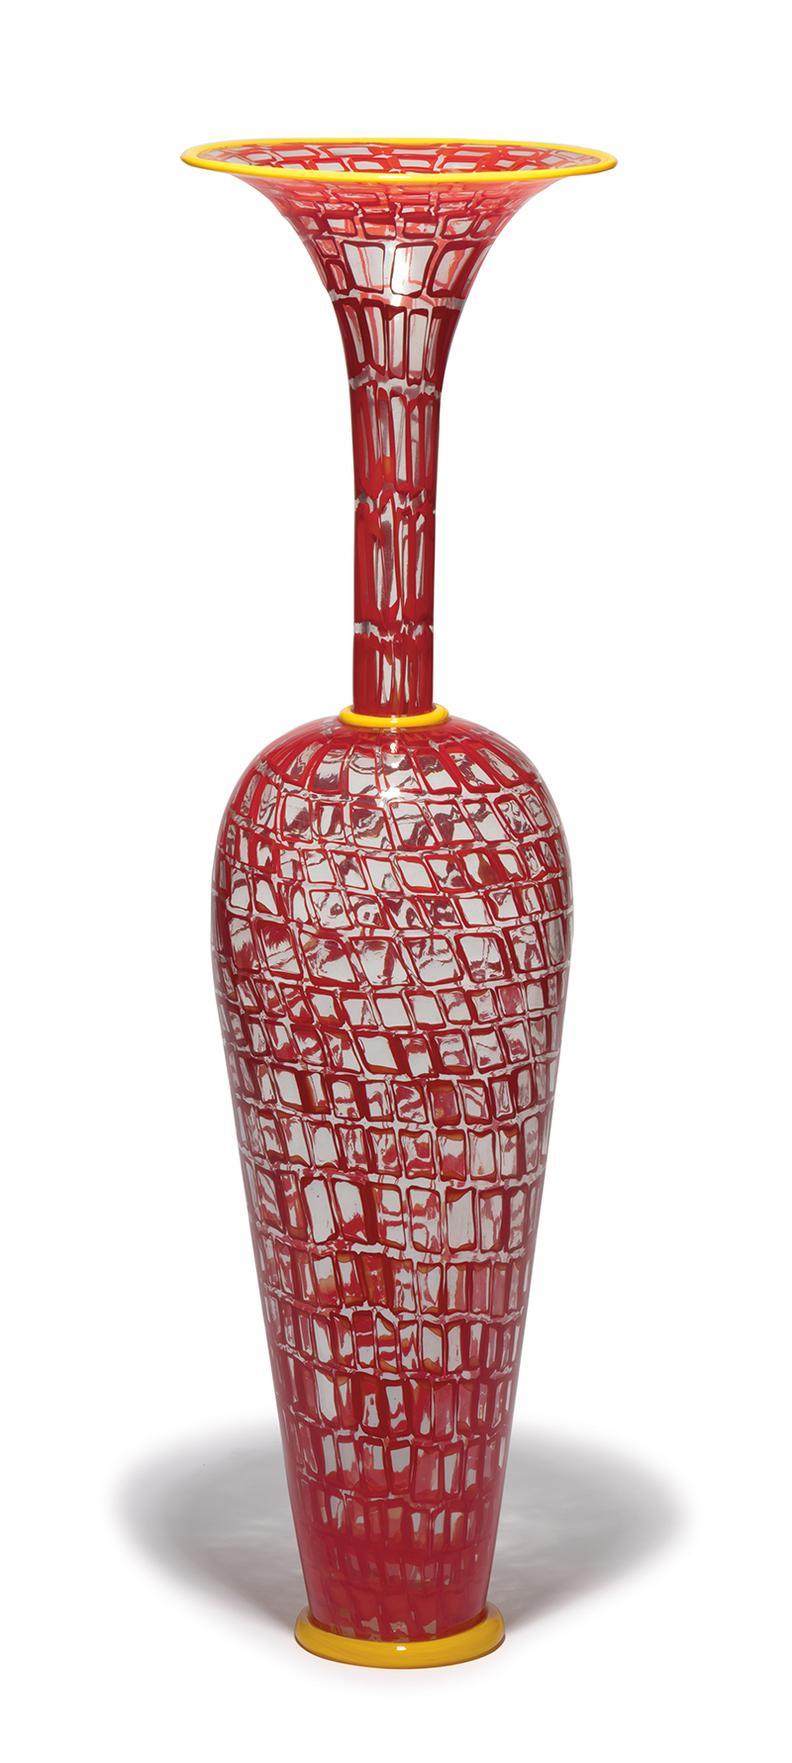 Dante Marioni - Red Mosaic Vase-1999